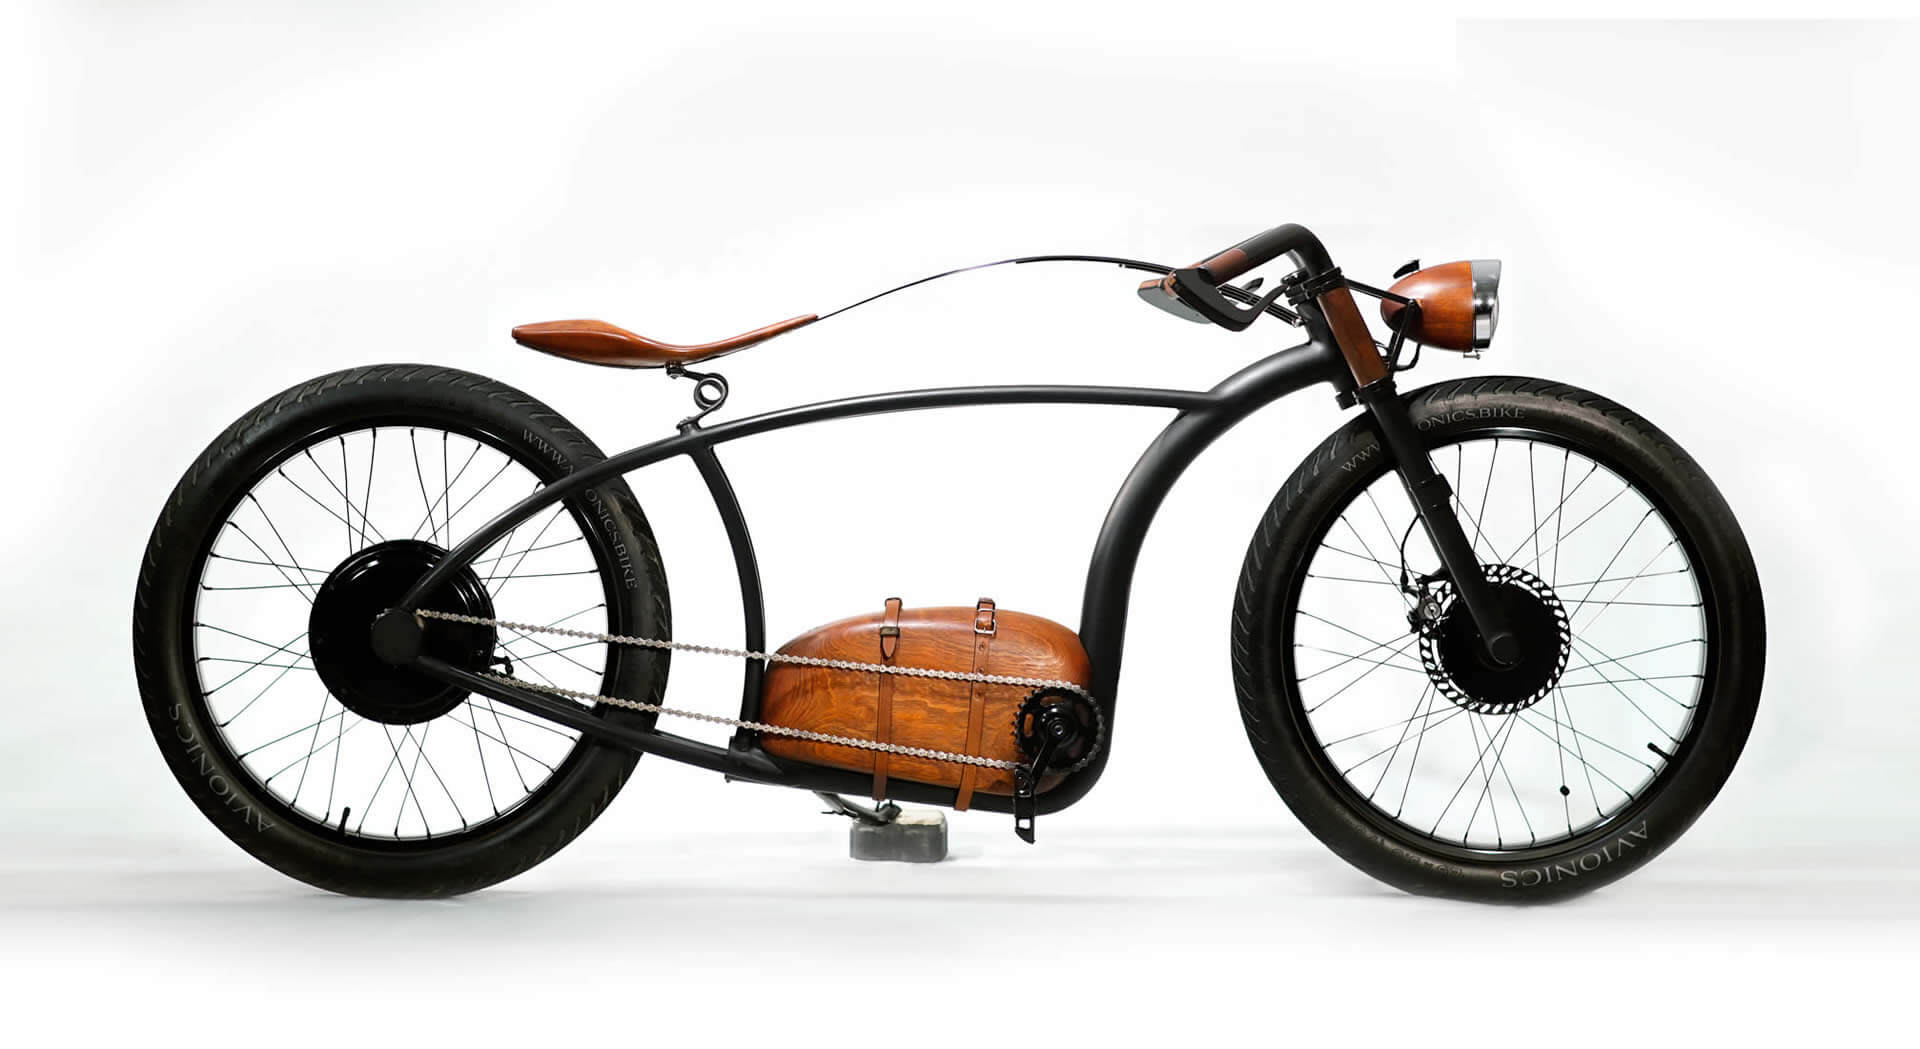 Avionics e-bike